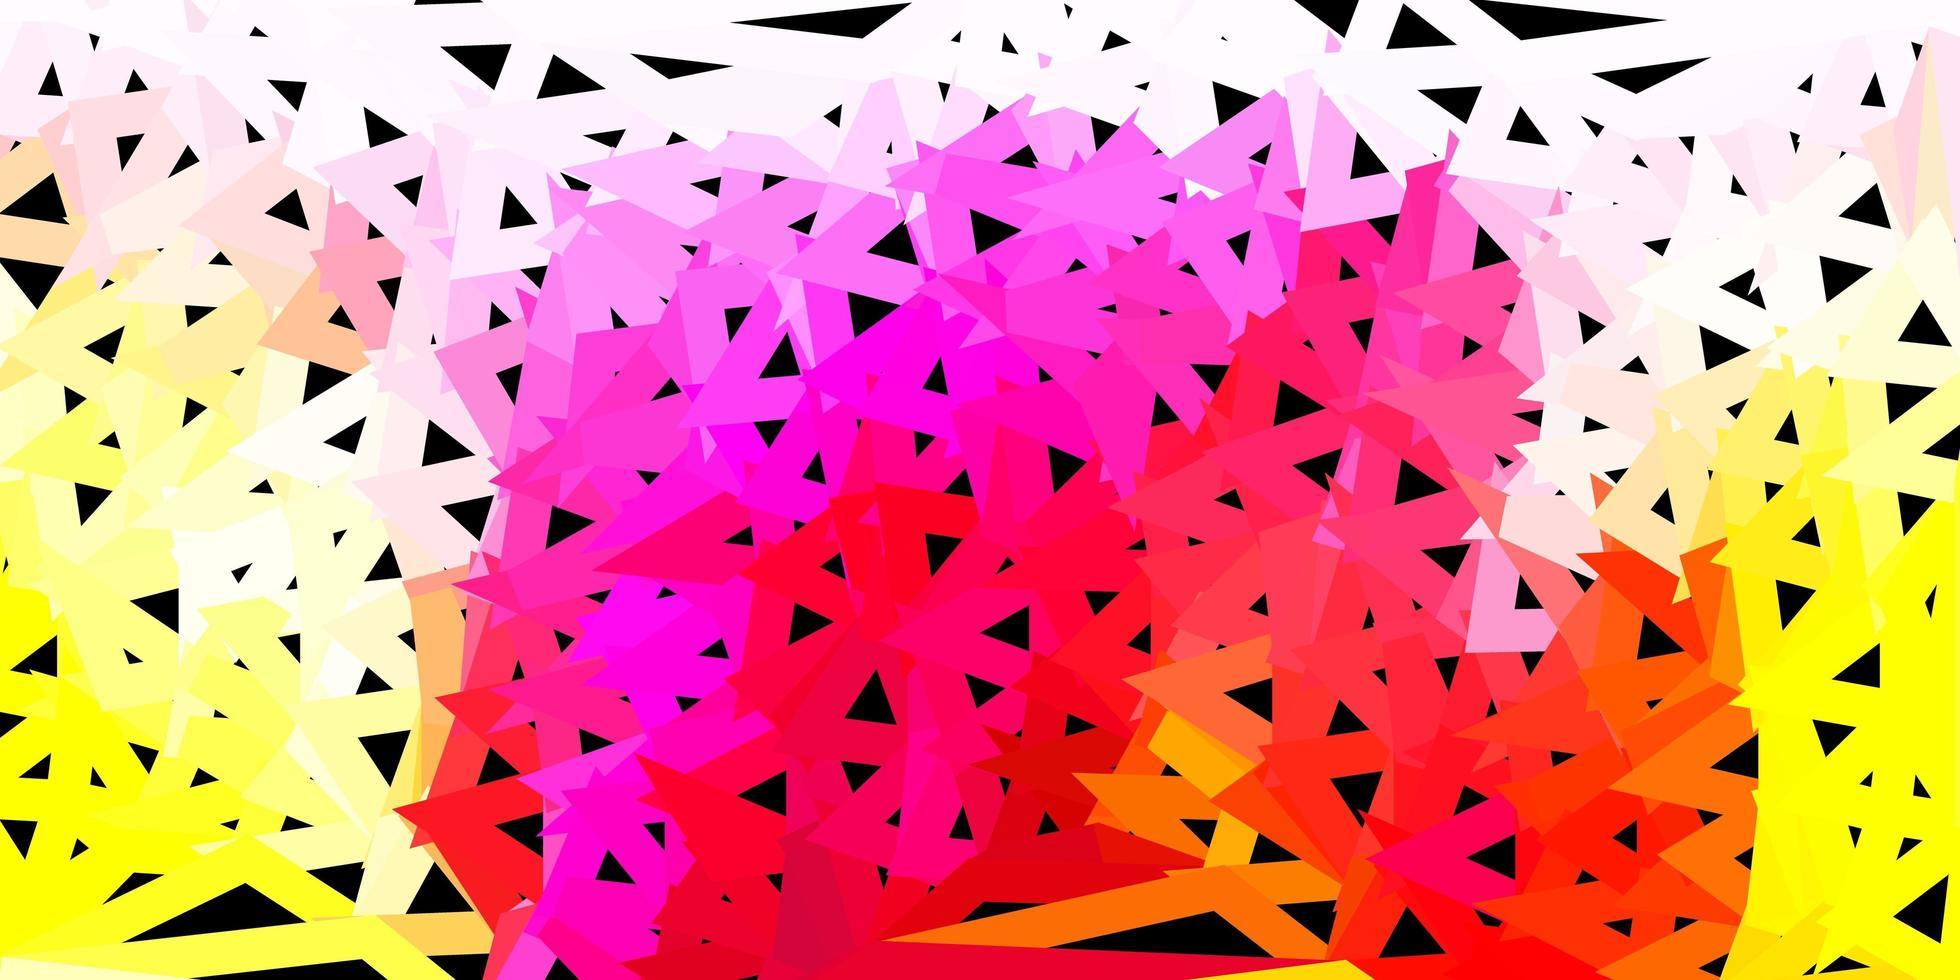 modèle de mosaïque triangle vecteur rose clair, jaune.